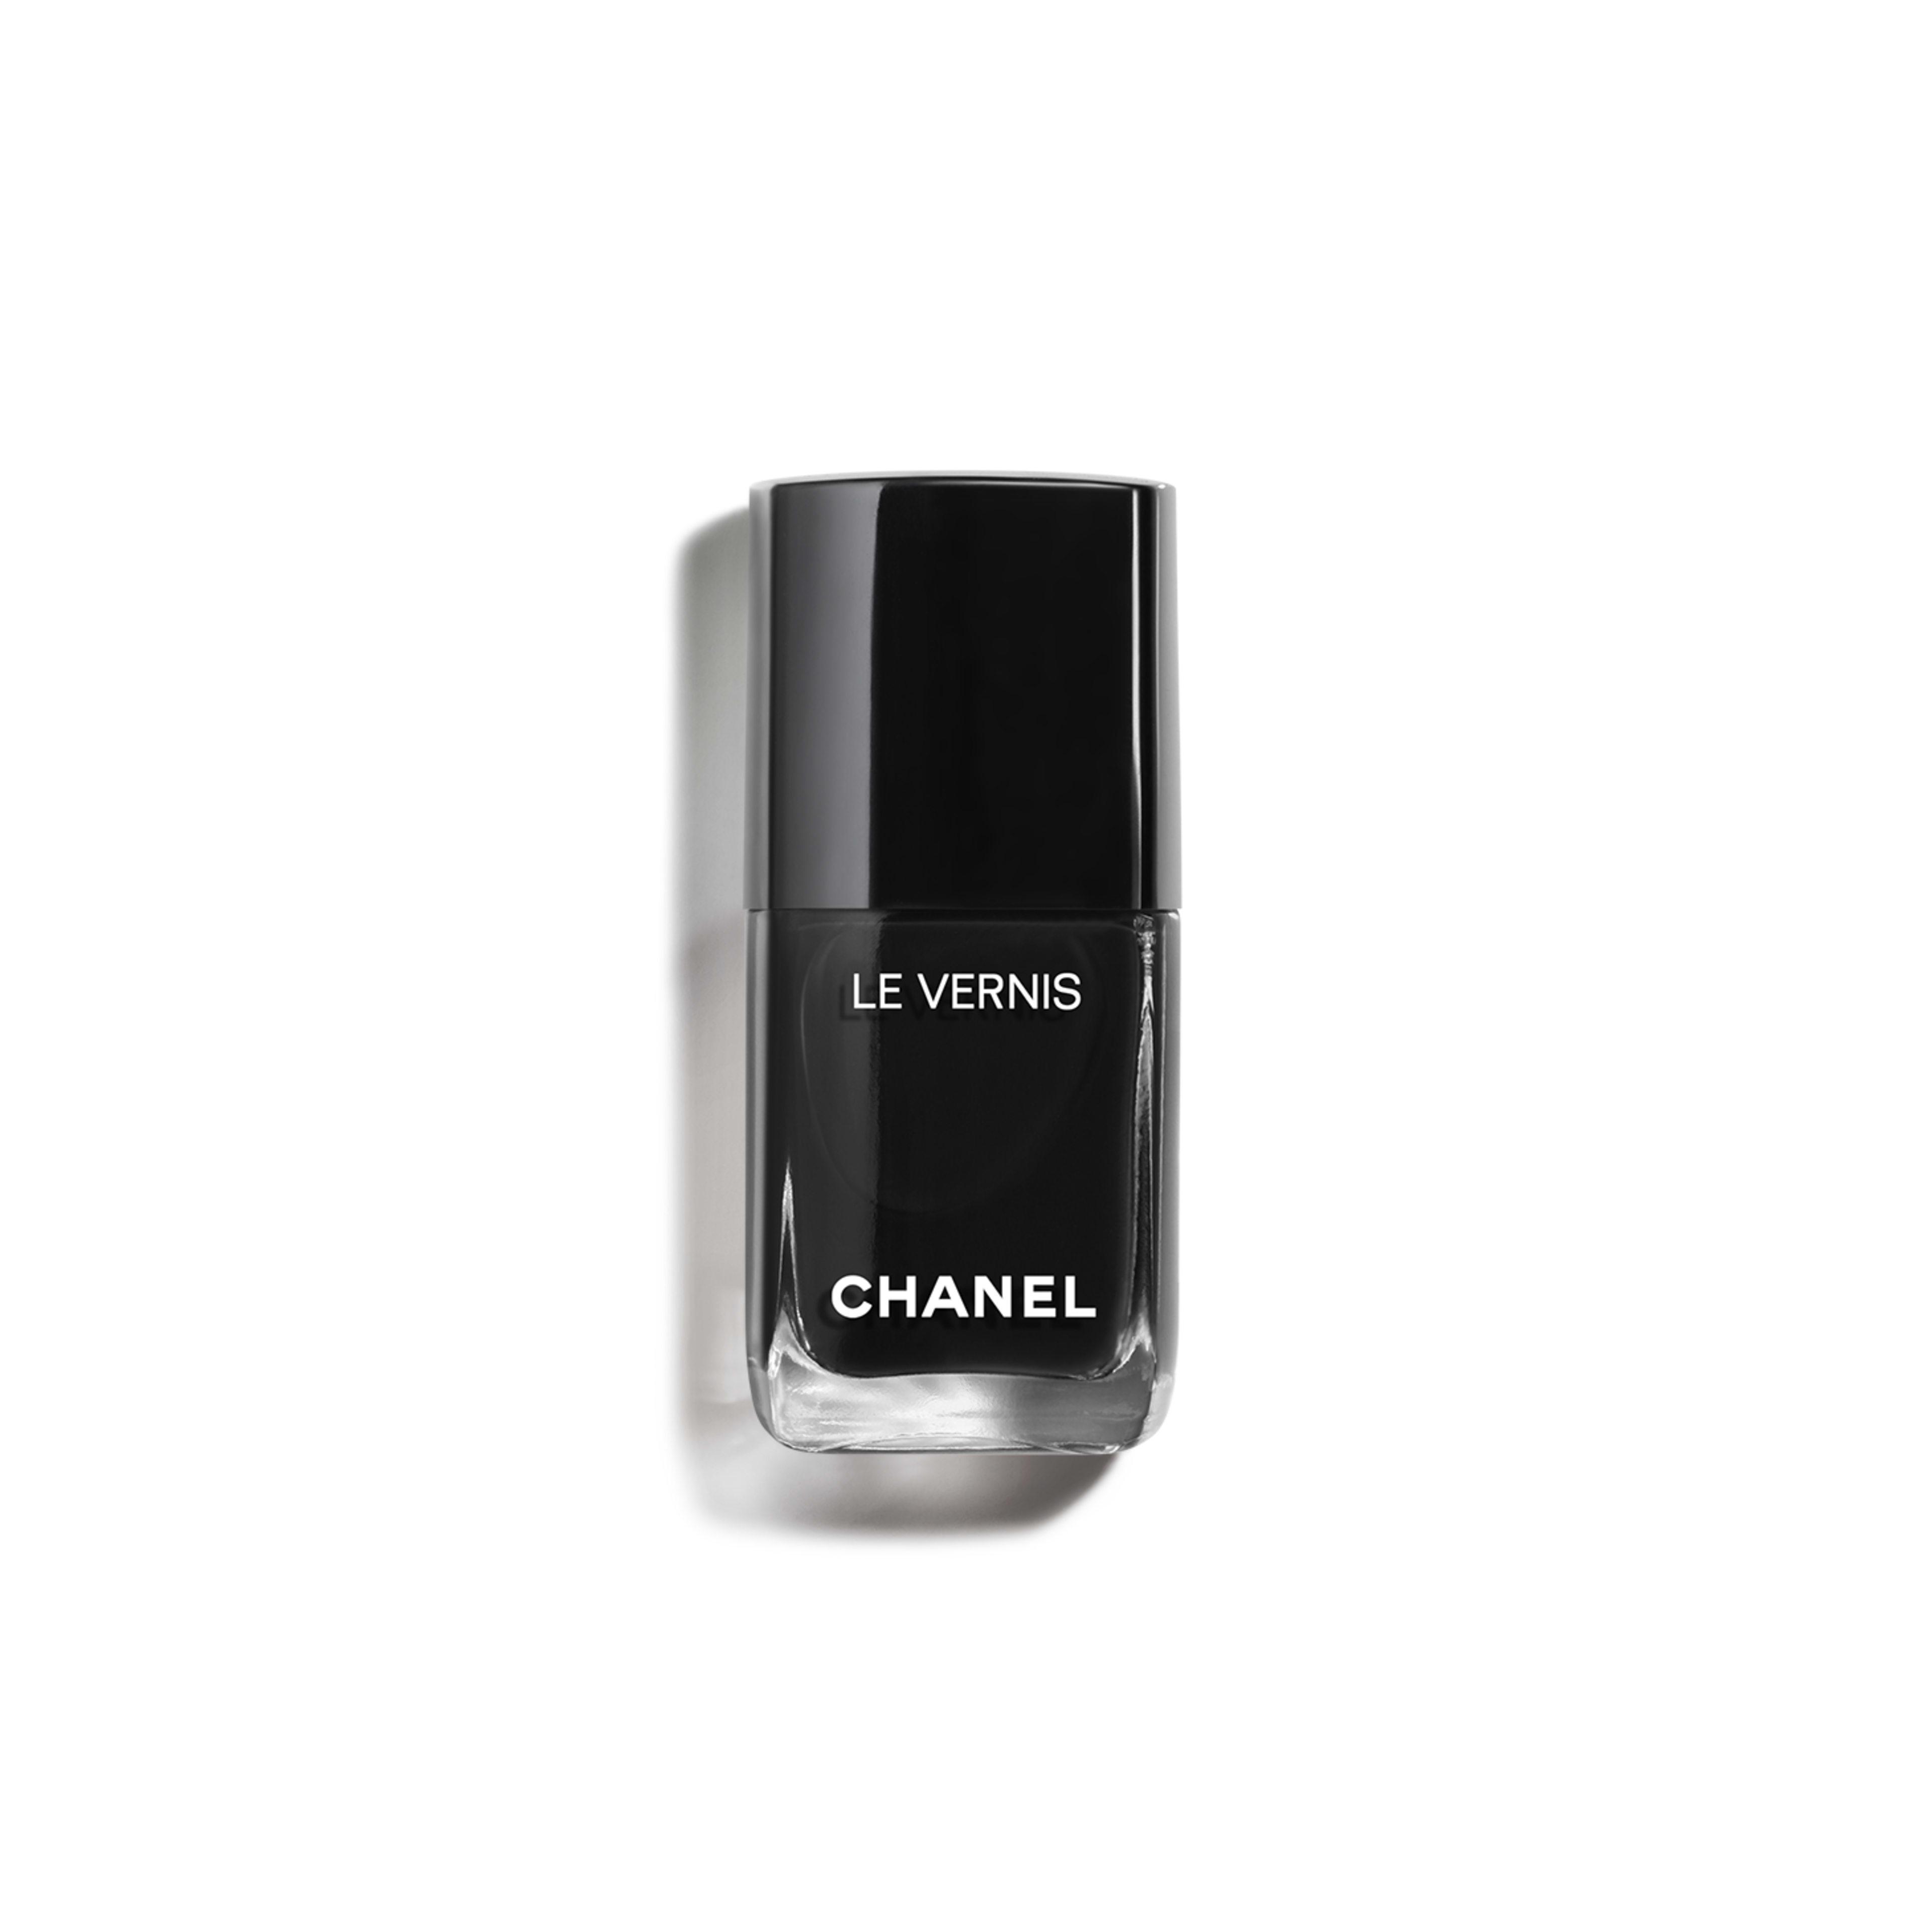 LE VERNIS - makeup - 0.4FL. OZ. - Default view